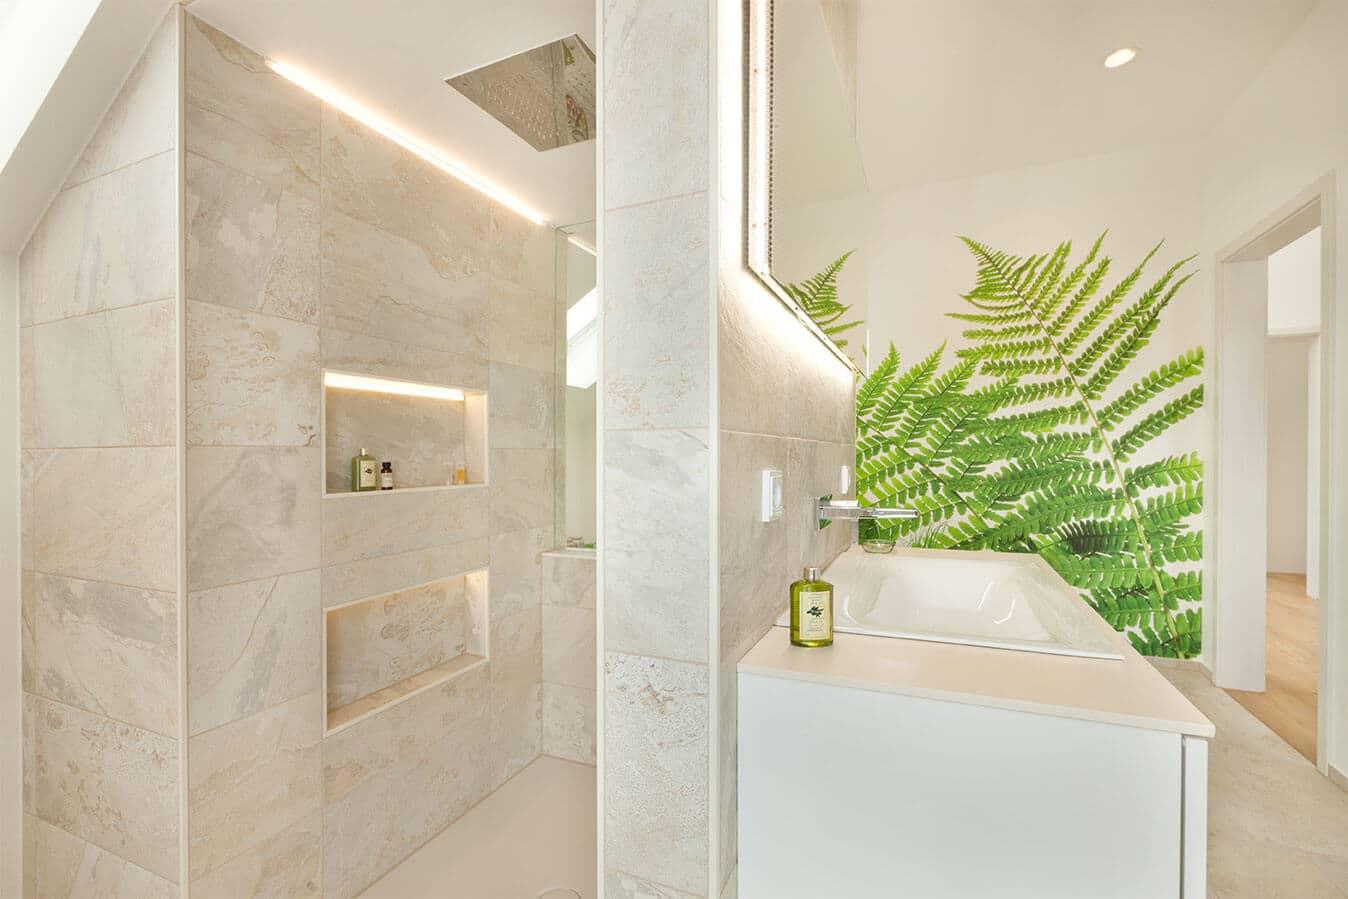 Musterhaus Günzburg - Familienbadezimmer mit ebenerdiger Dusche